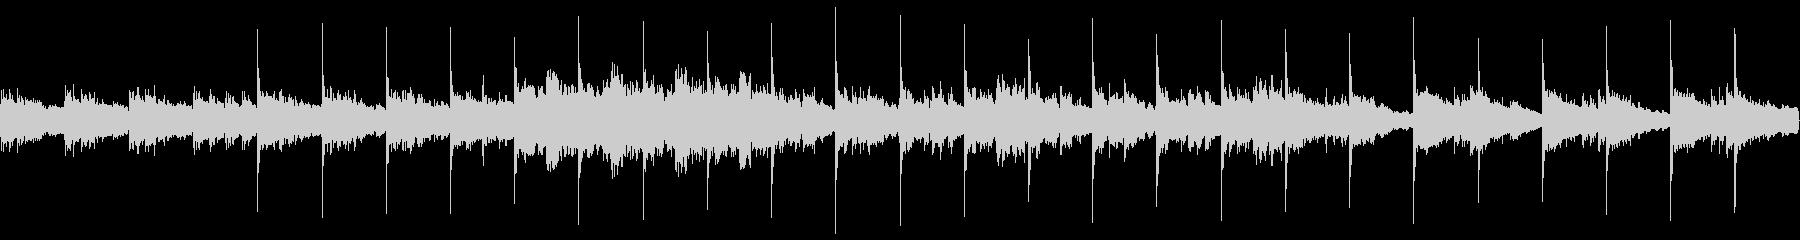 ゲームBGM想定曲(ホラー、暗め)の未再生の波形